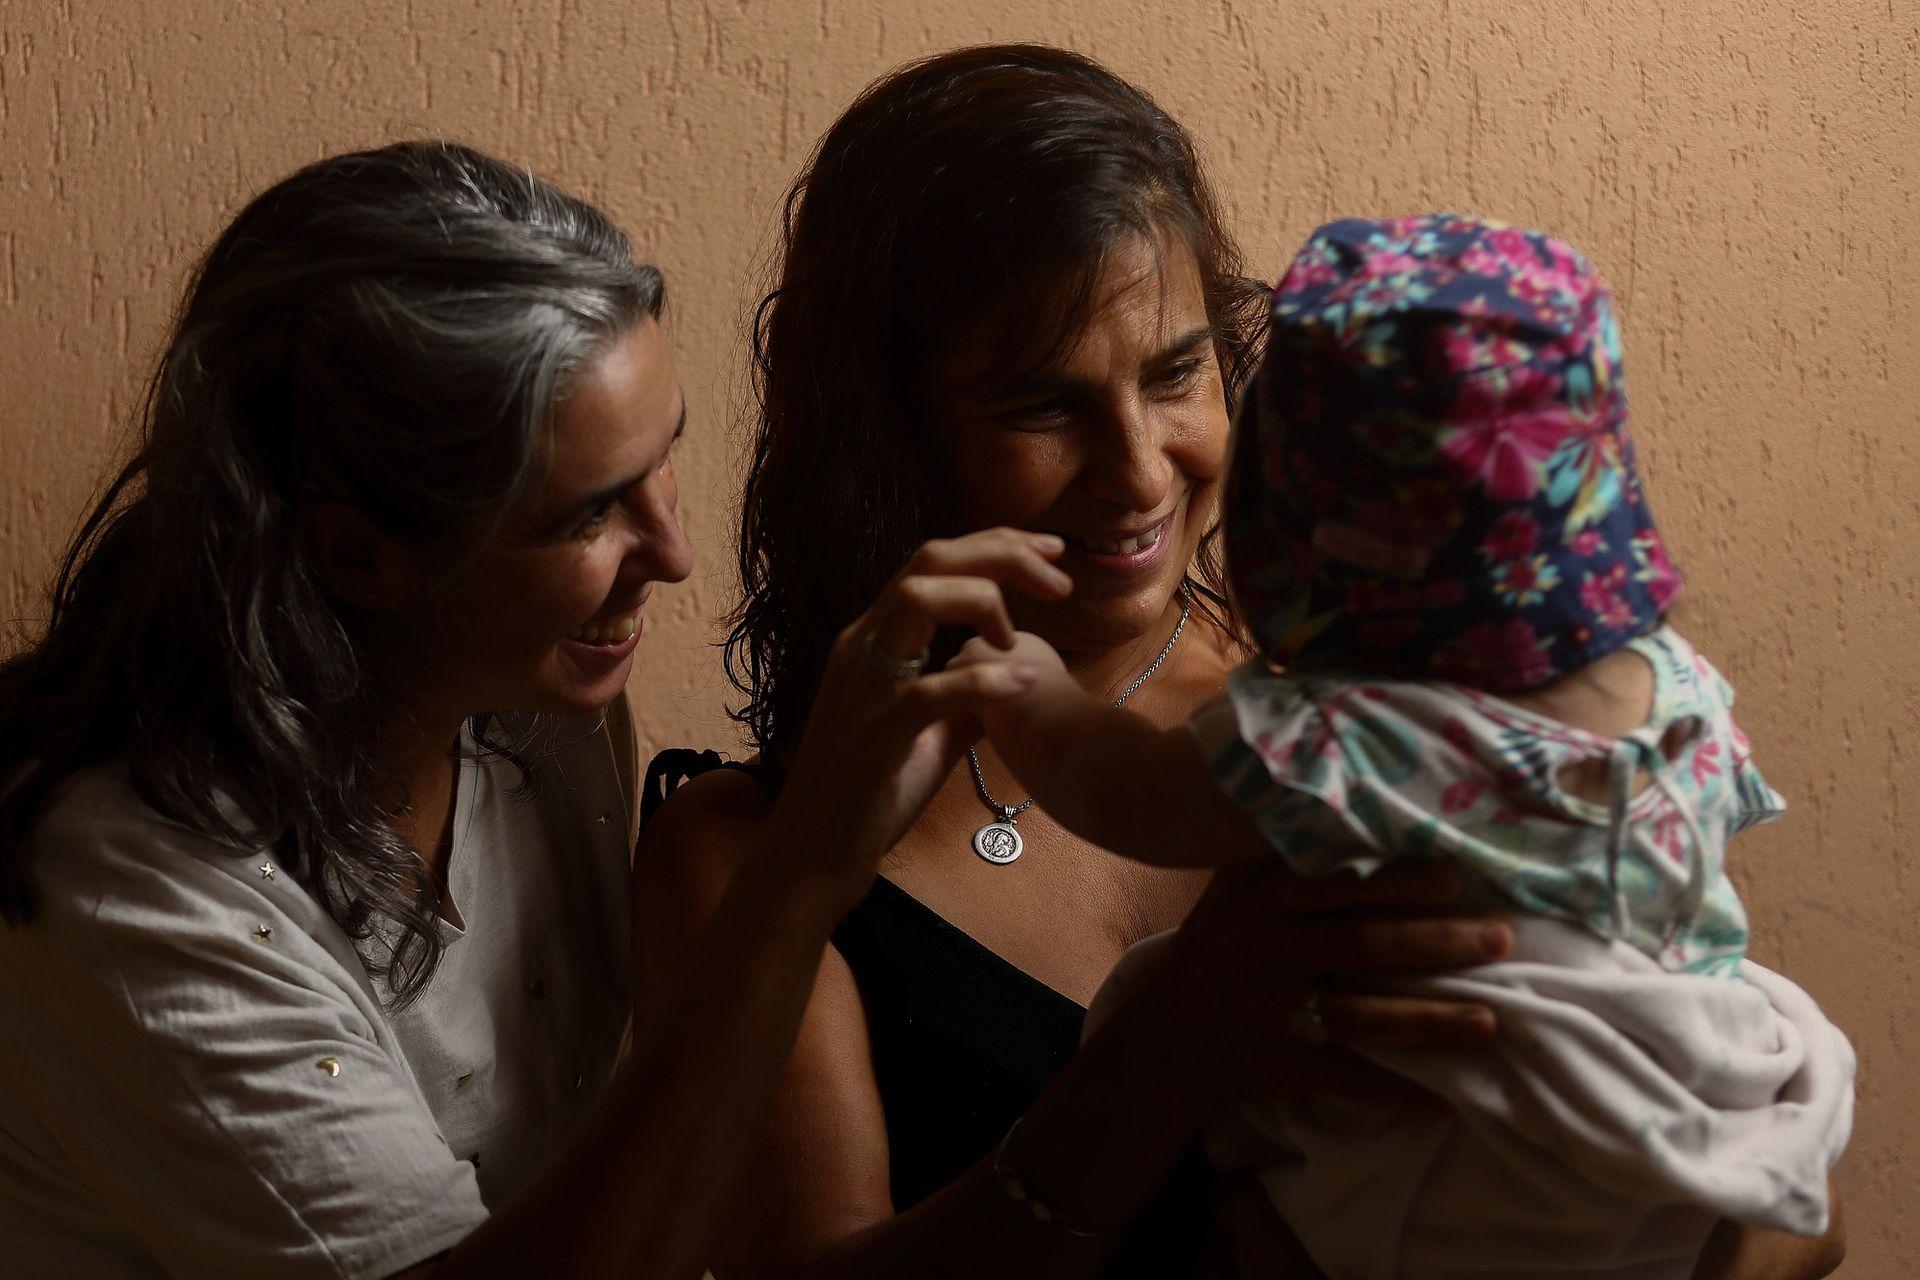 Marcela (de negro) y Micaela comparten con sus familias la tarea de cuidar a la pequeña beba de forma transitoria; integran Comunidad Malú, una organización social de familias de abrigo de La Plata